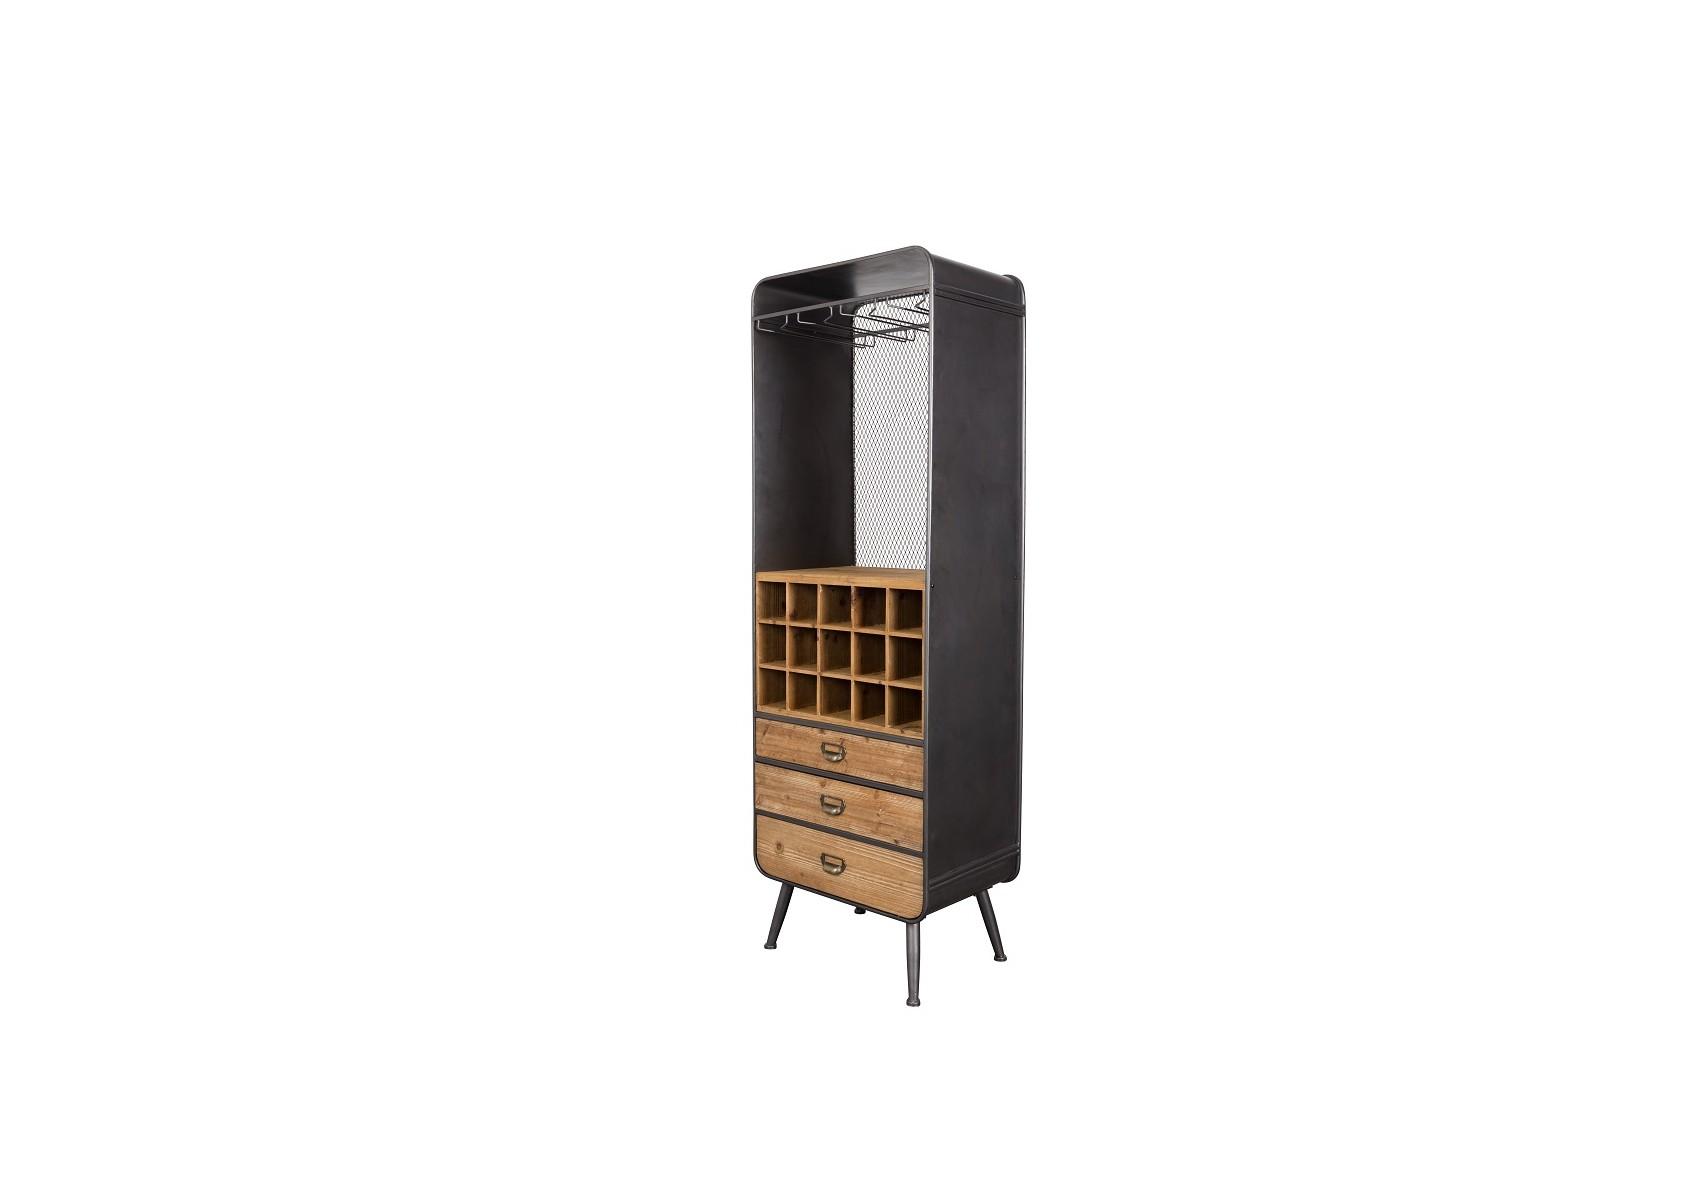 meuble range bouteille range bouteille vertical ikea meilleur de photos porte bouteille. Black Bedroom Furniture Sets. Home Design Ideas